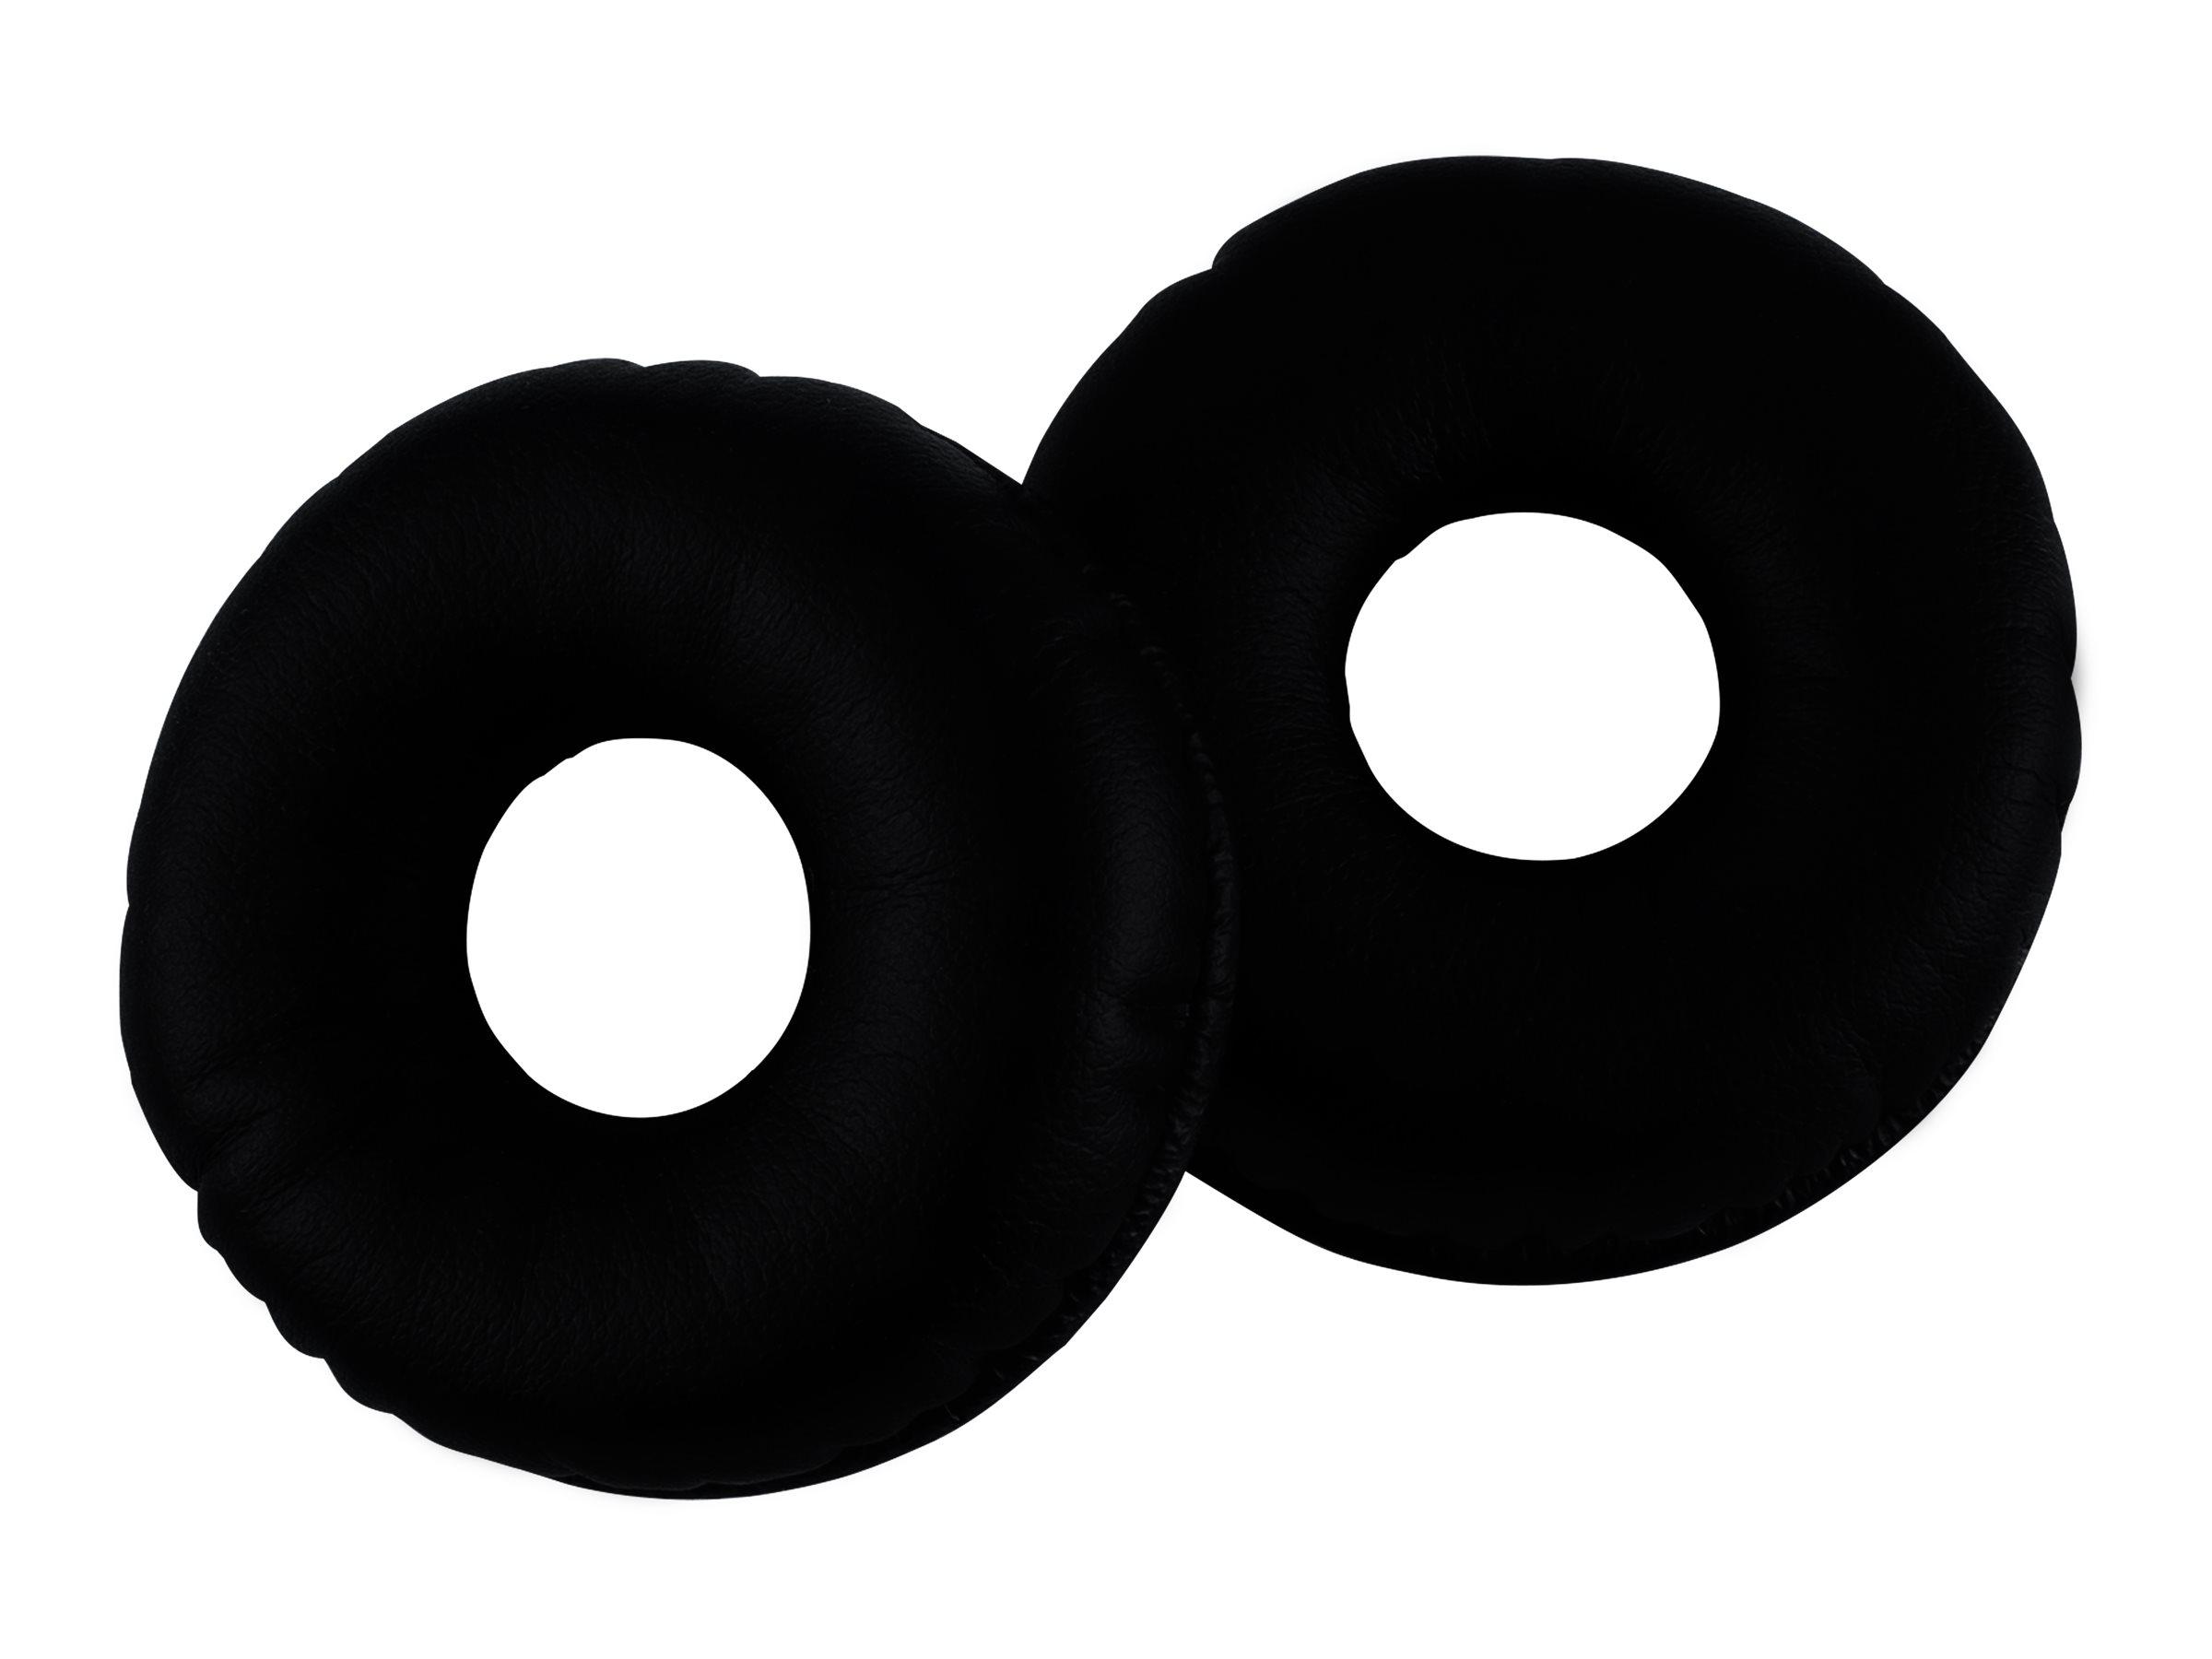 EPOS I SENNHEISER HZP 51 - Ohrpolster für Headset (Packung mit 2) - für Sennheiser Century SC 635, SC 660, SC 665